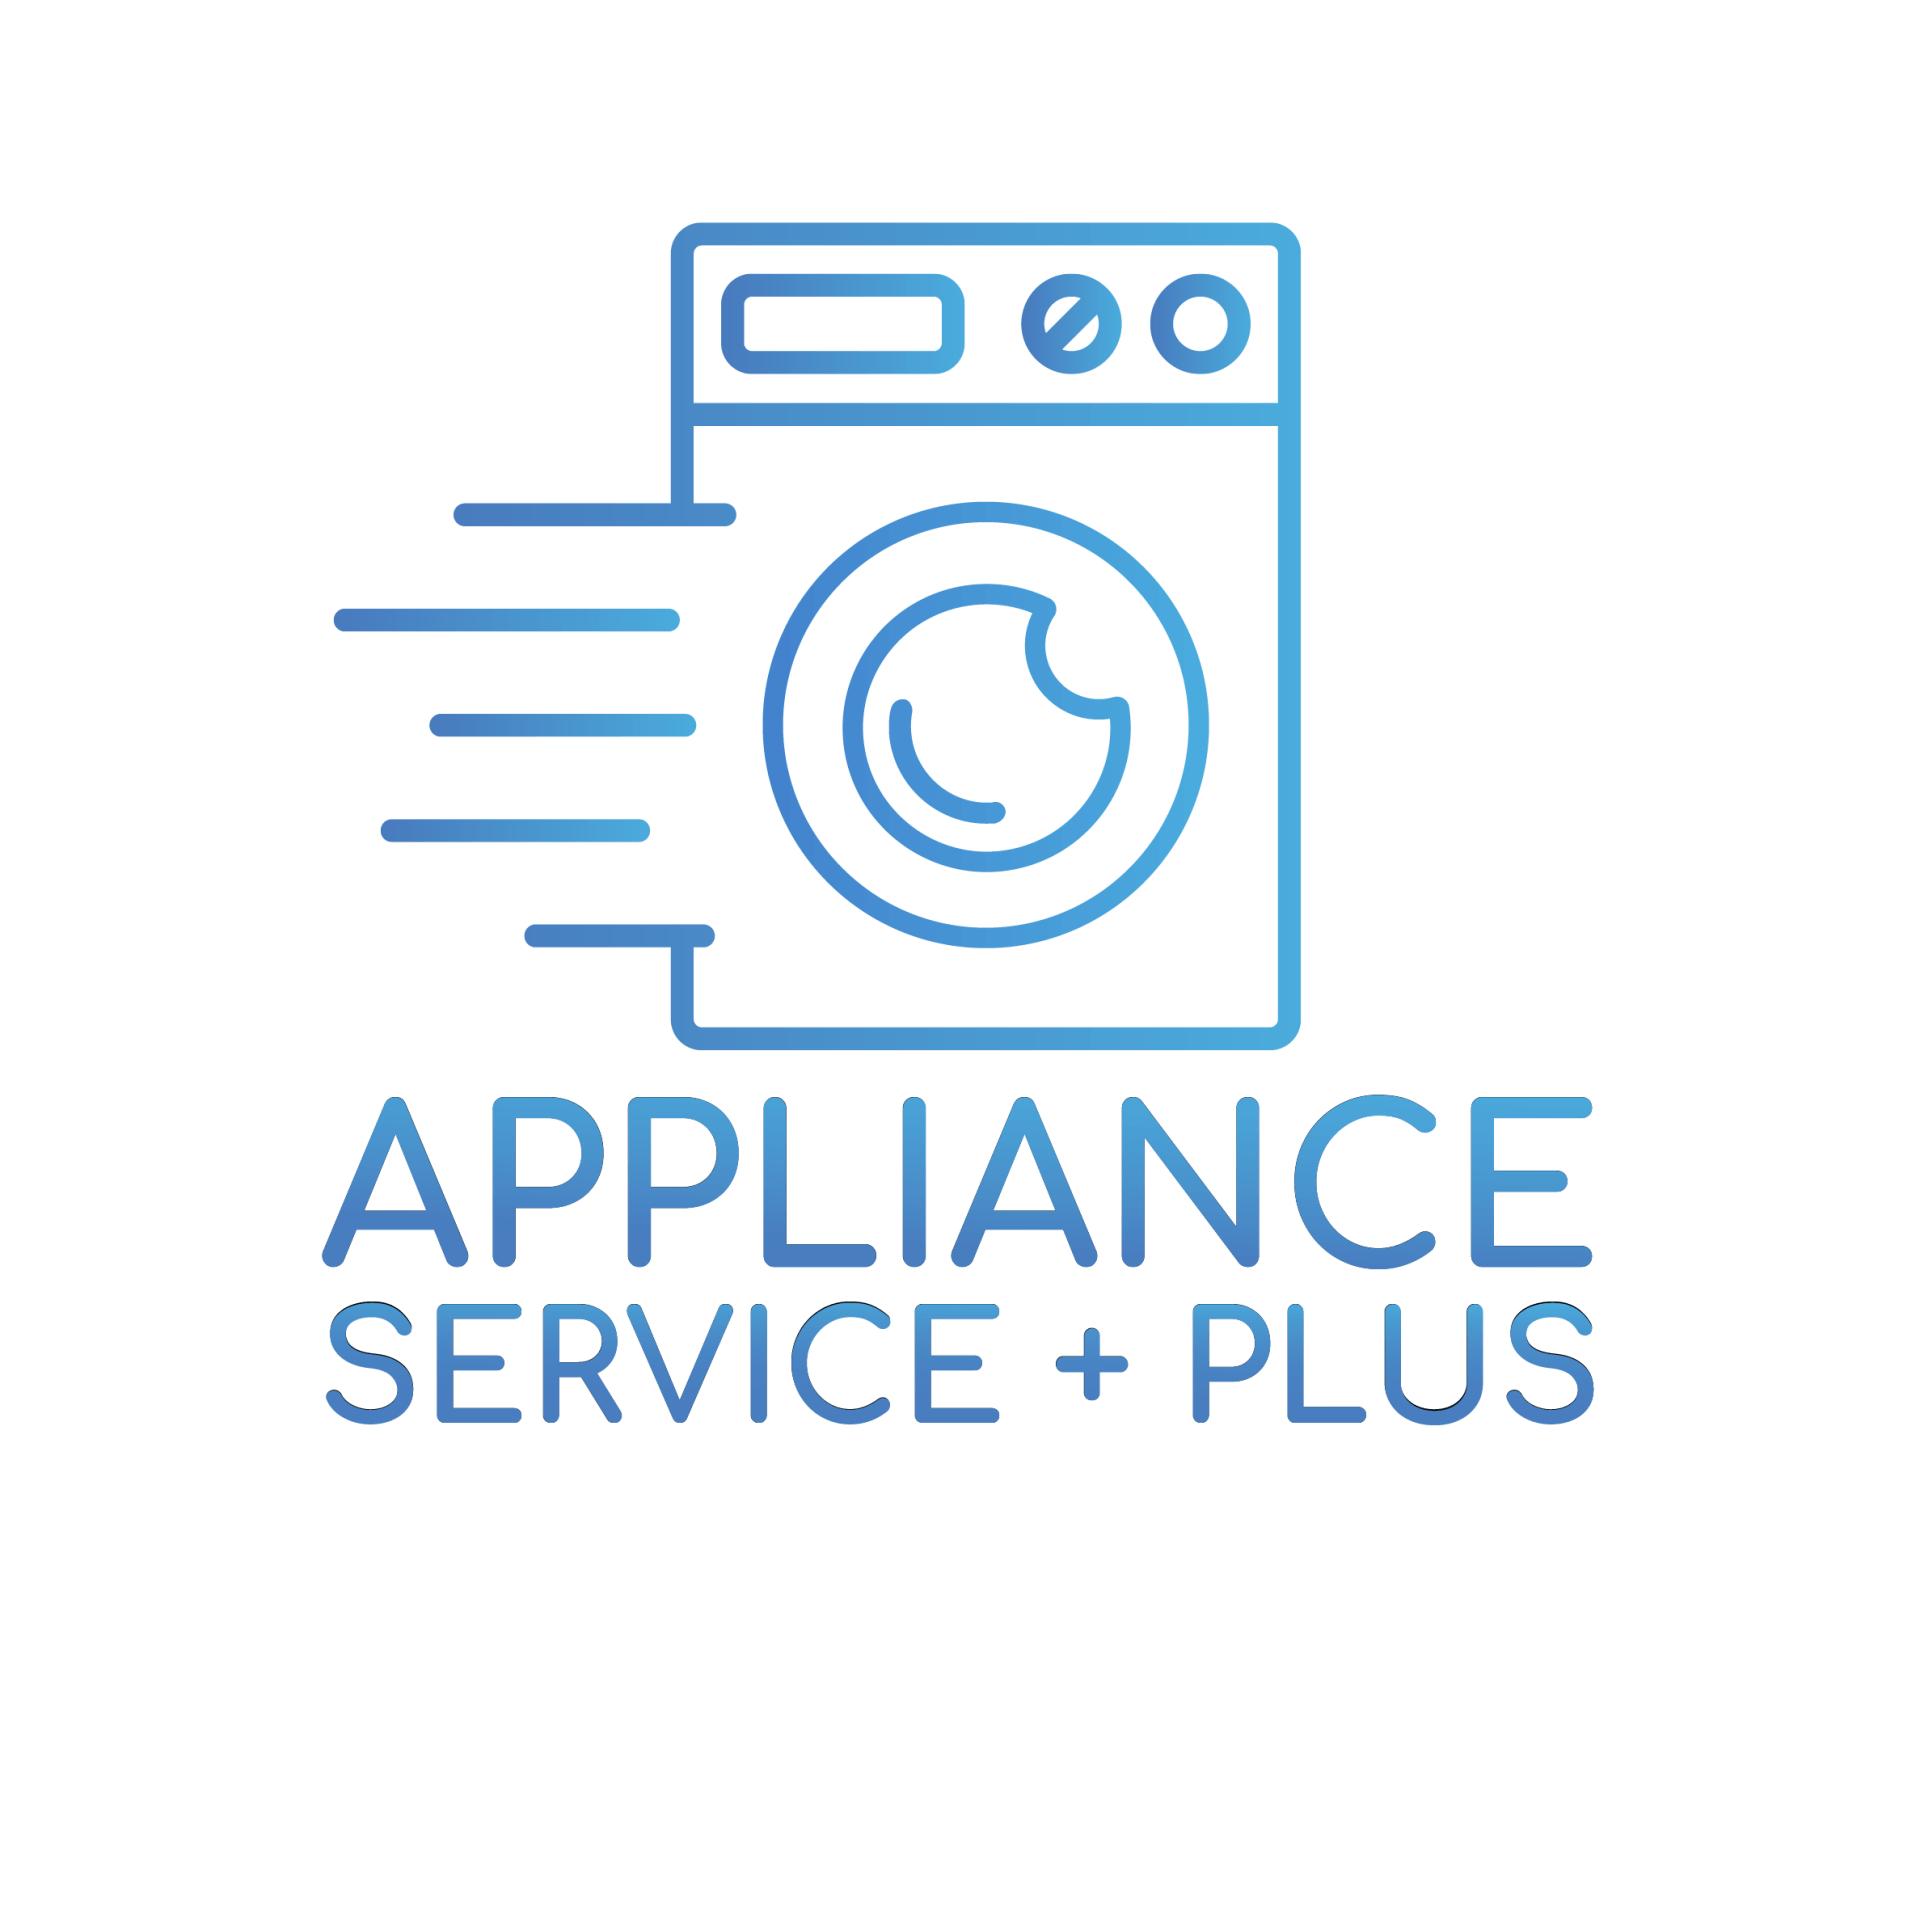 Appliance Repair In Bellevue Wa Appliance Service Plus